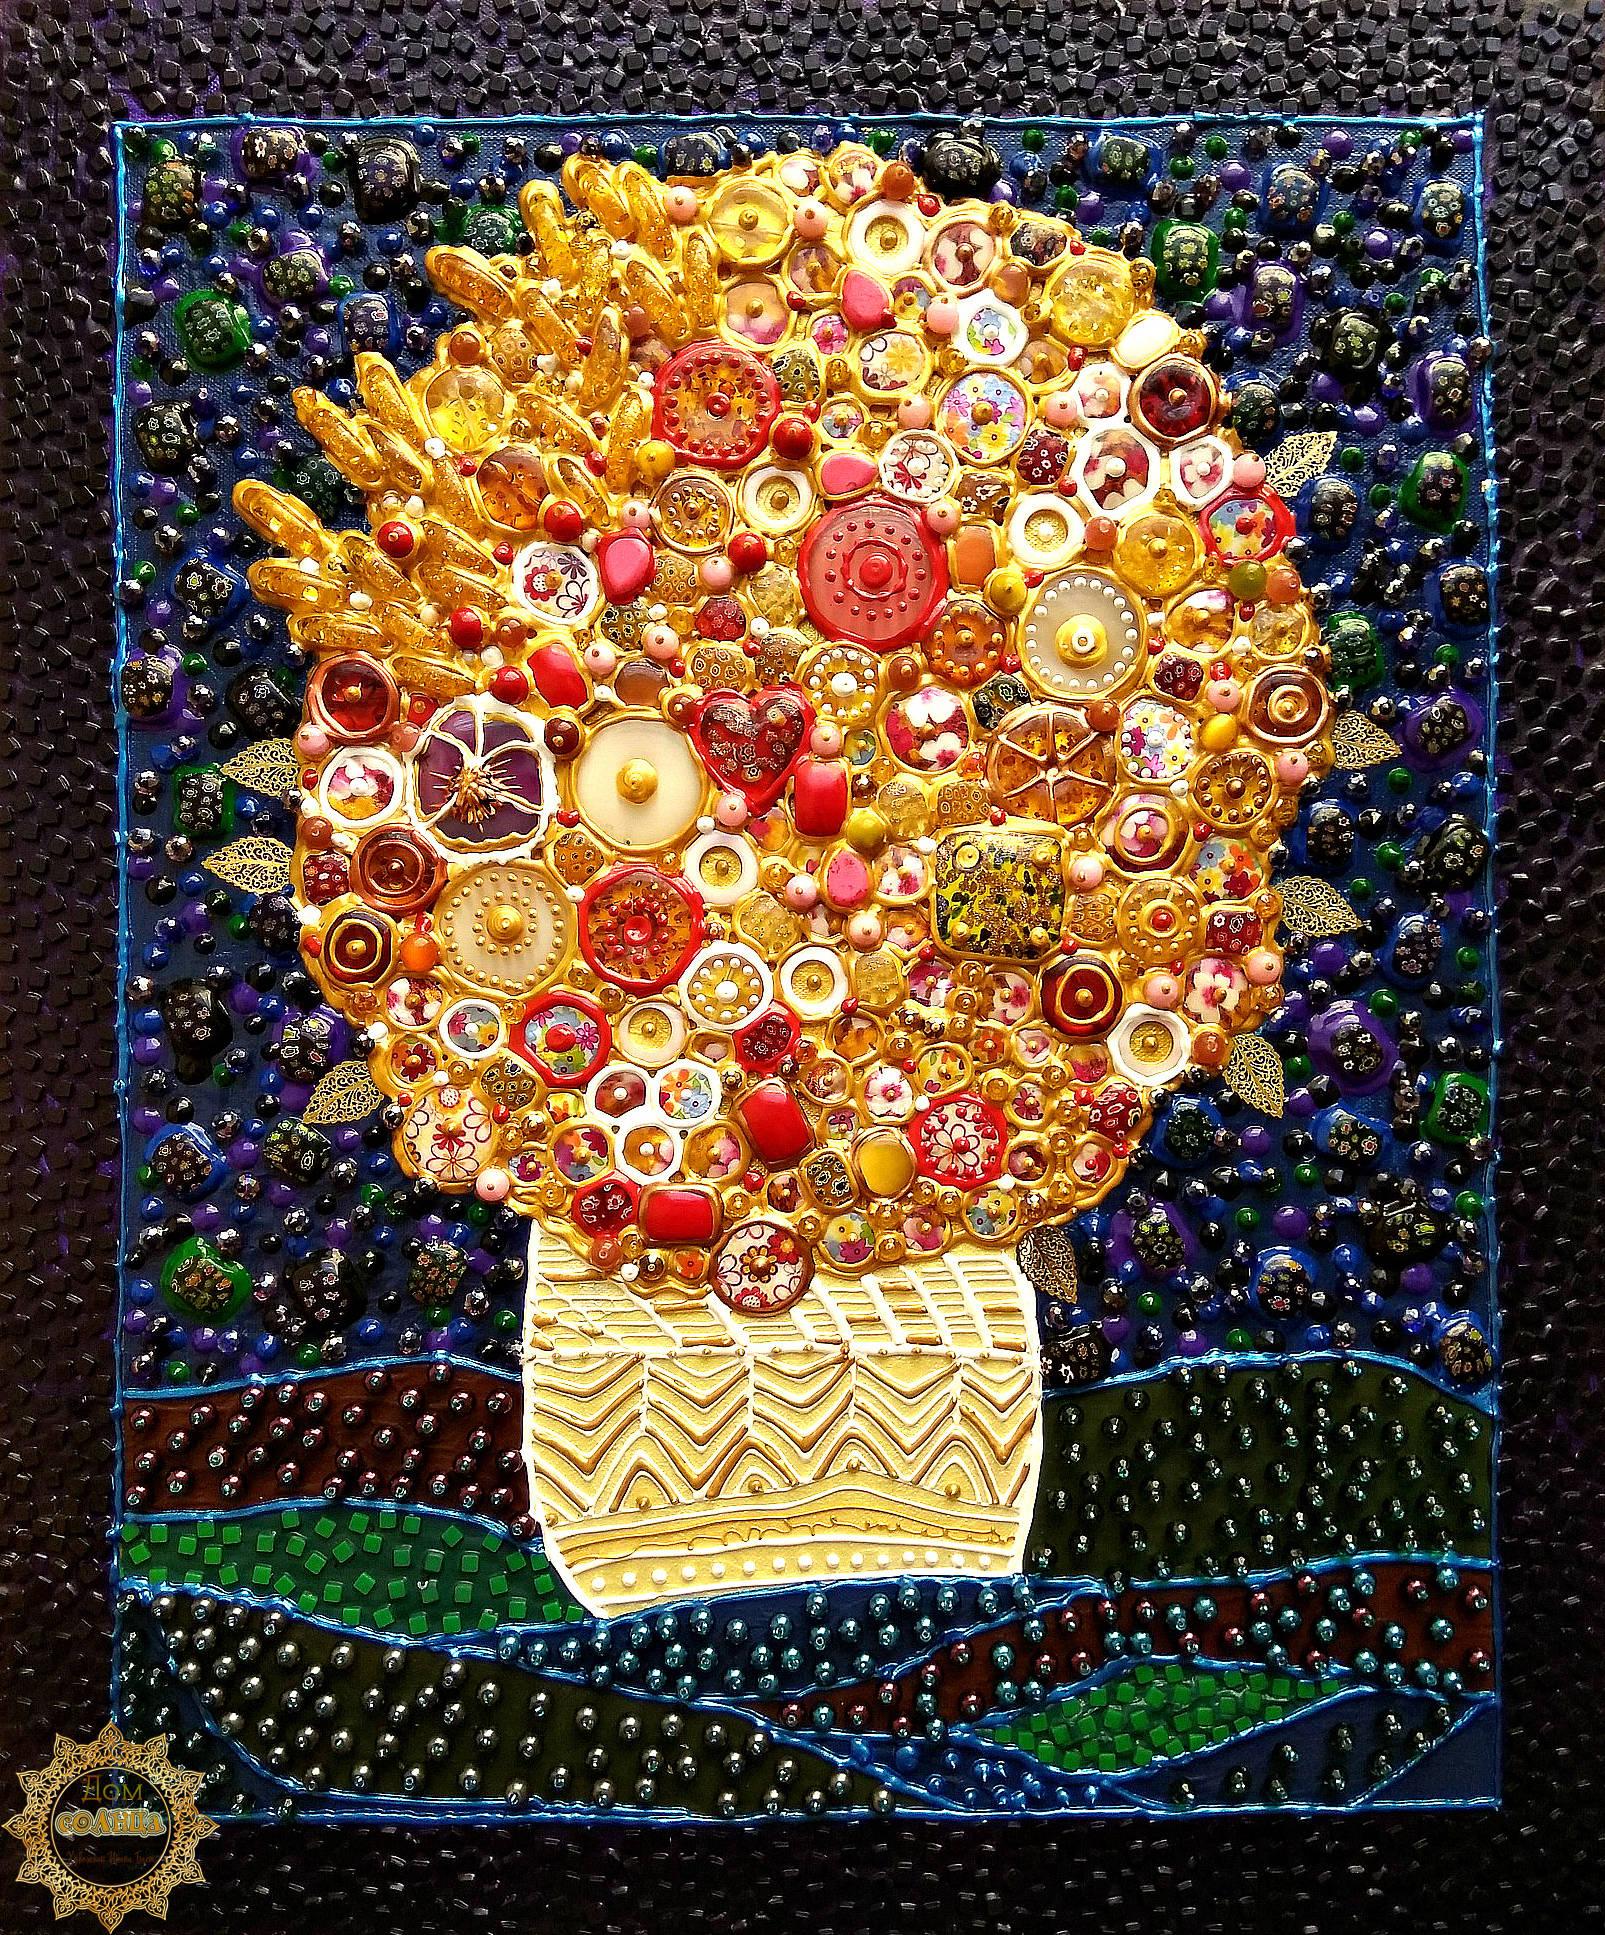 Декоративное панно из полудрагоценных камней и муранского (венецианского) стекла Солнечный букет по мотивам работ испанского художника Хуана Ромеро (Juan Romero).